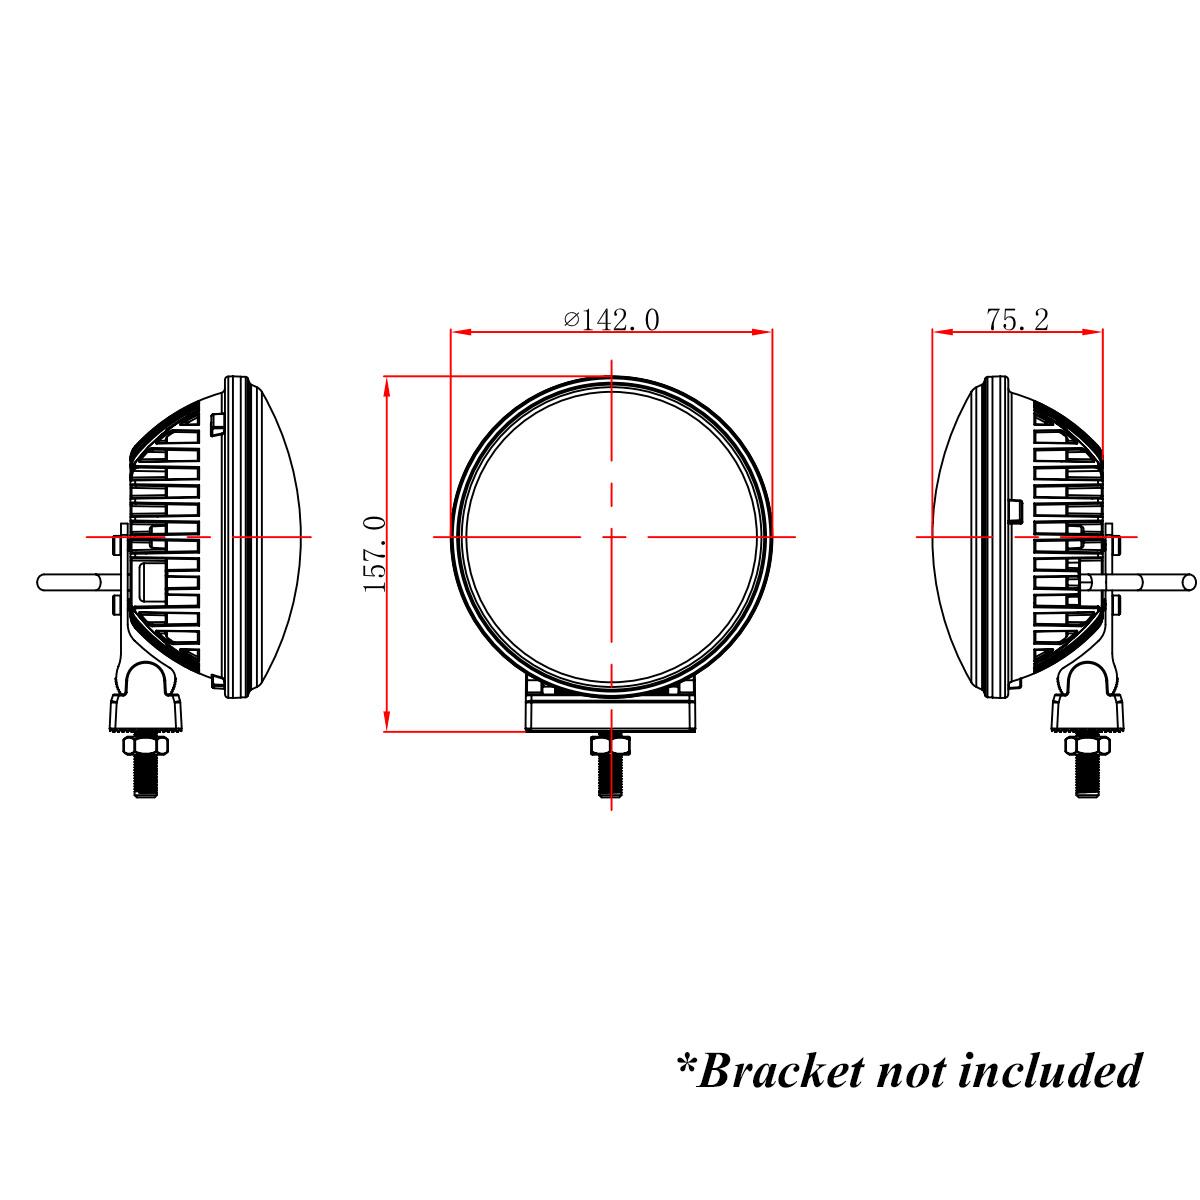 2x 5 6 u0026quot  36w round led work light spot fog driving head lamp offroad truck 4wd